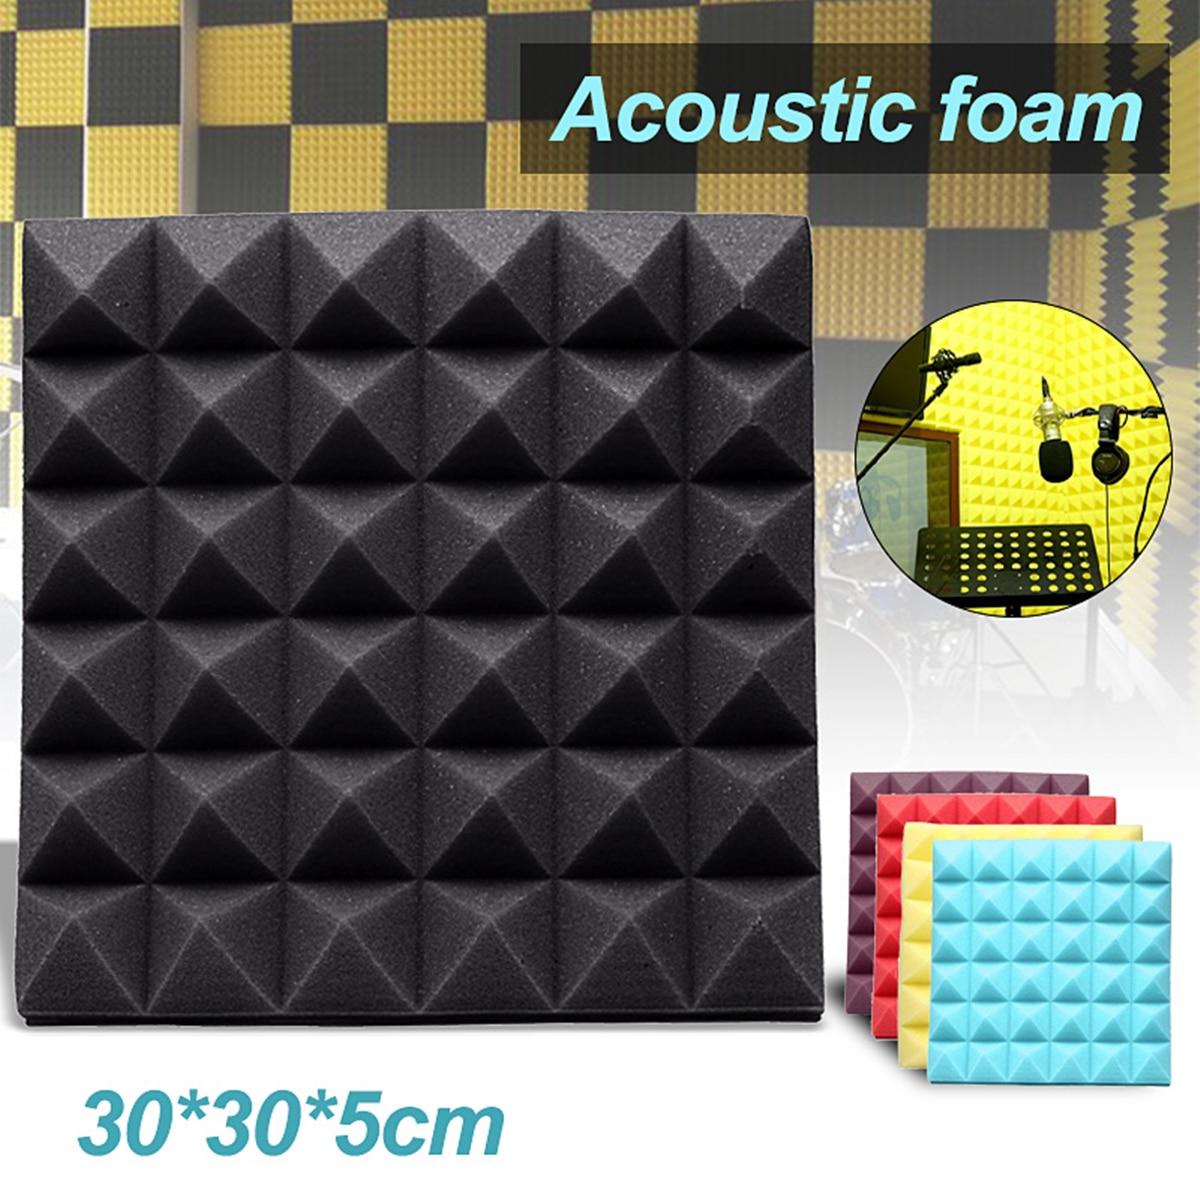 Newest 30*30*5cm Studio Acoustic Soundproof Foam Sound Absorption Treatment Panel Tile Wedge Protective SpongeNewest 30*30*5cm Studio Acoustic Soundproof Foam Sound Absorption Treatment Panel Tile Wedge Protective Sponge